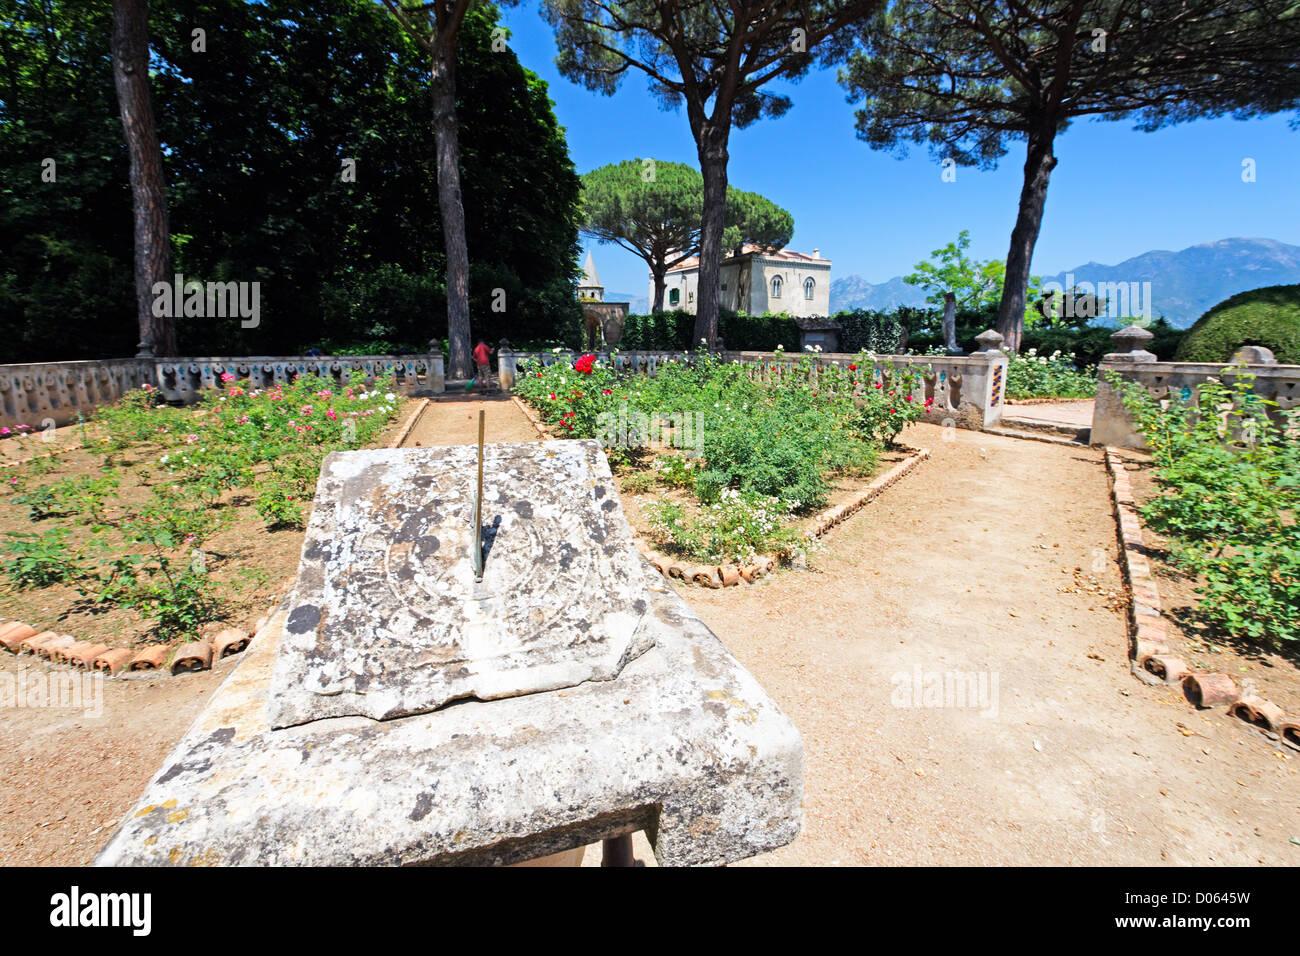 Vue rapprochée d'un cadran solaire dans un jardin, la Villa Cimbrone, Ravello, Campanie, Italie Banque D'Images